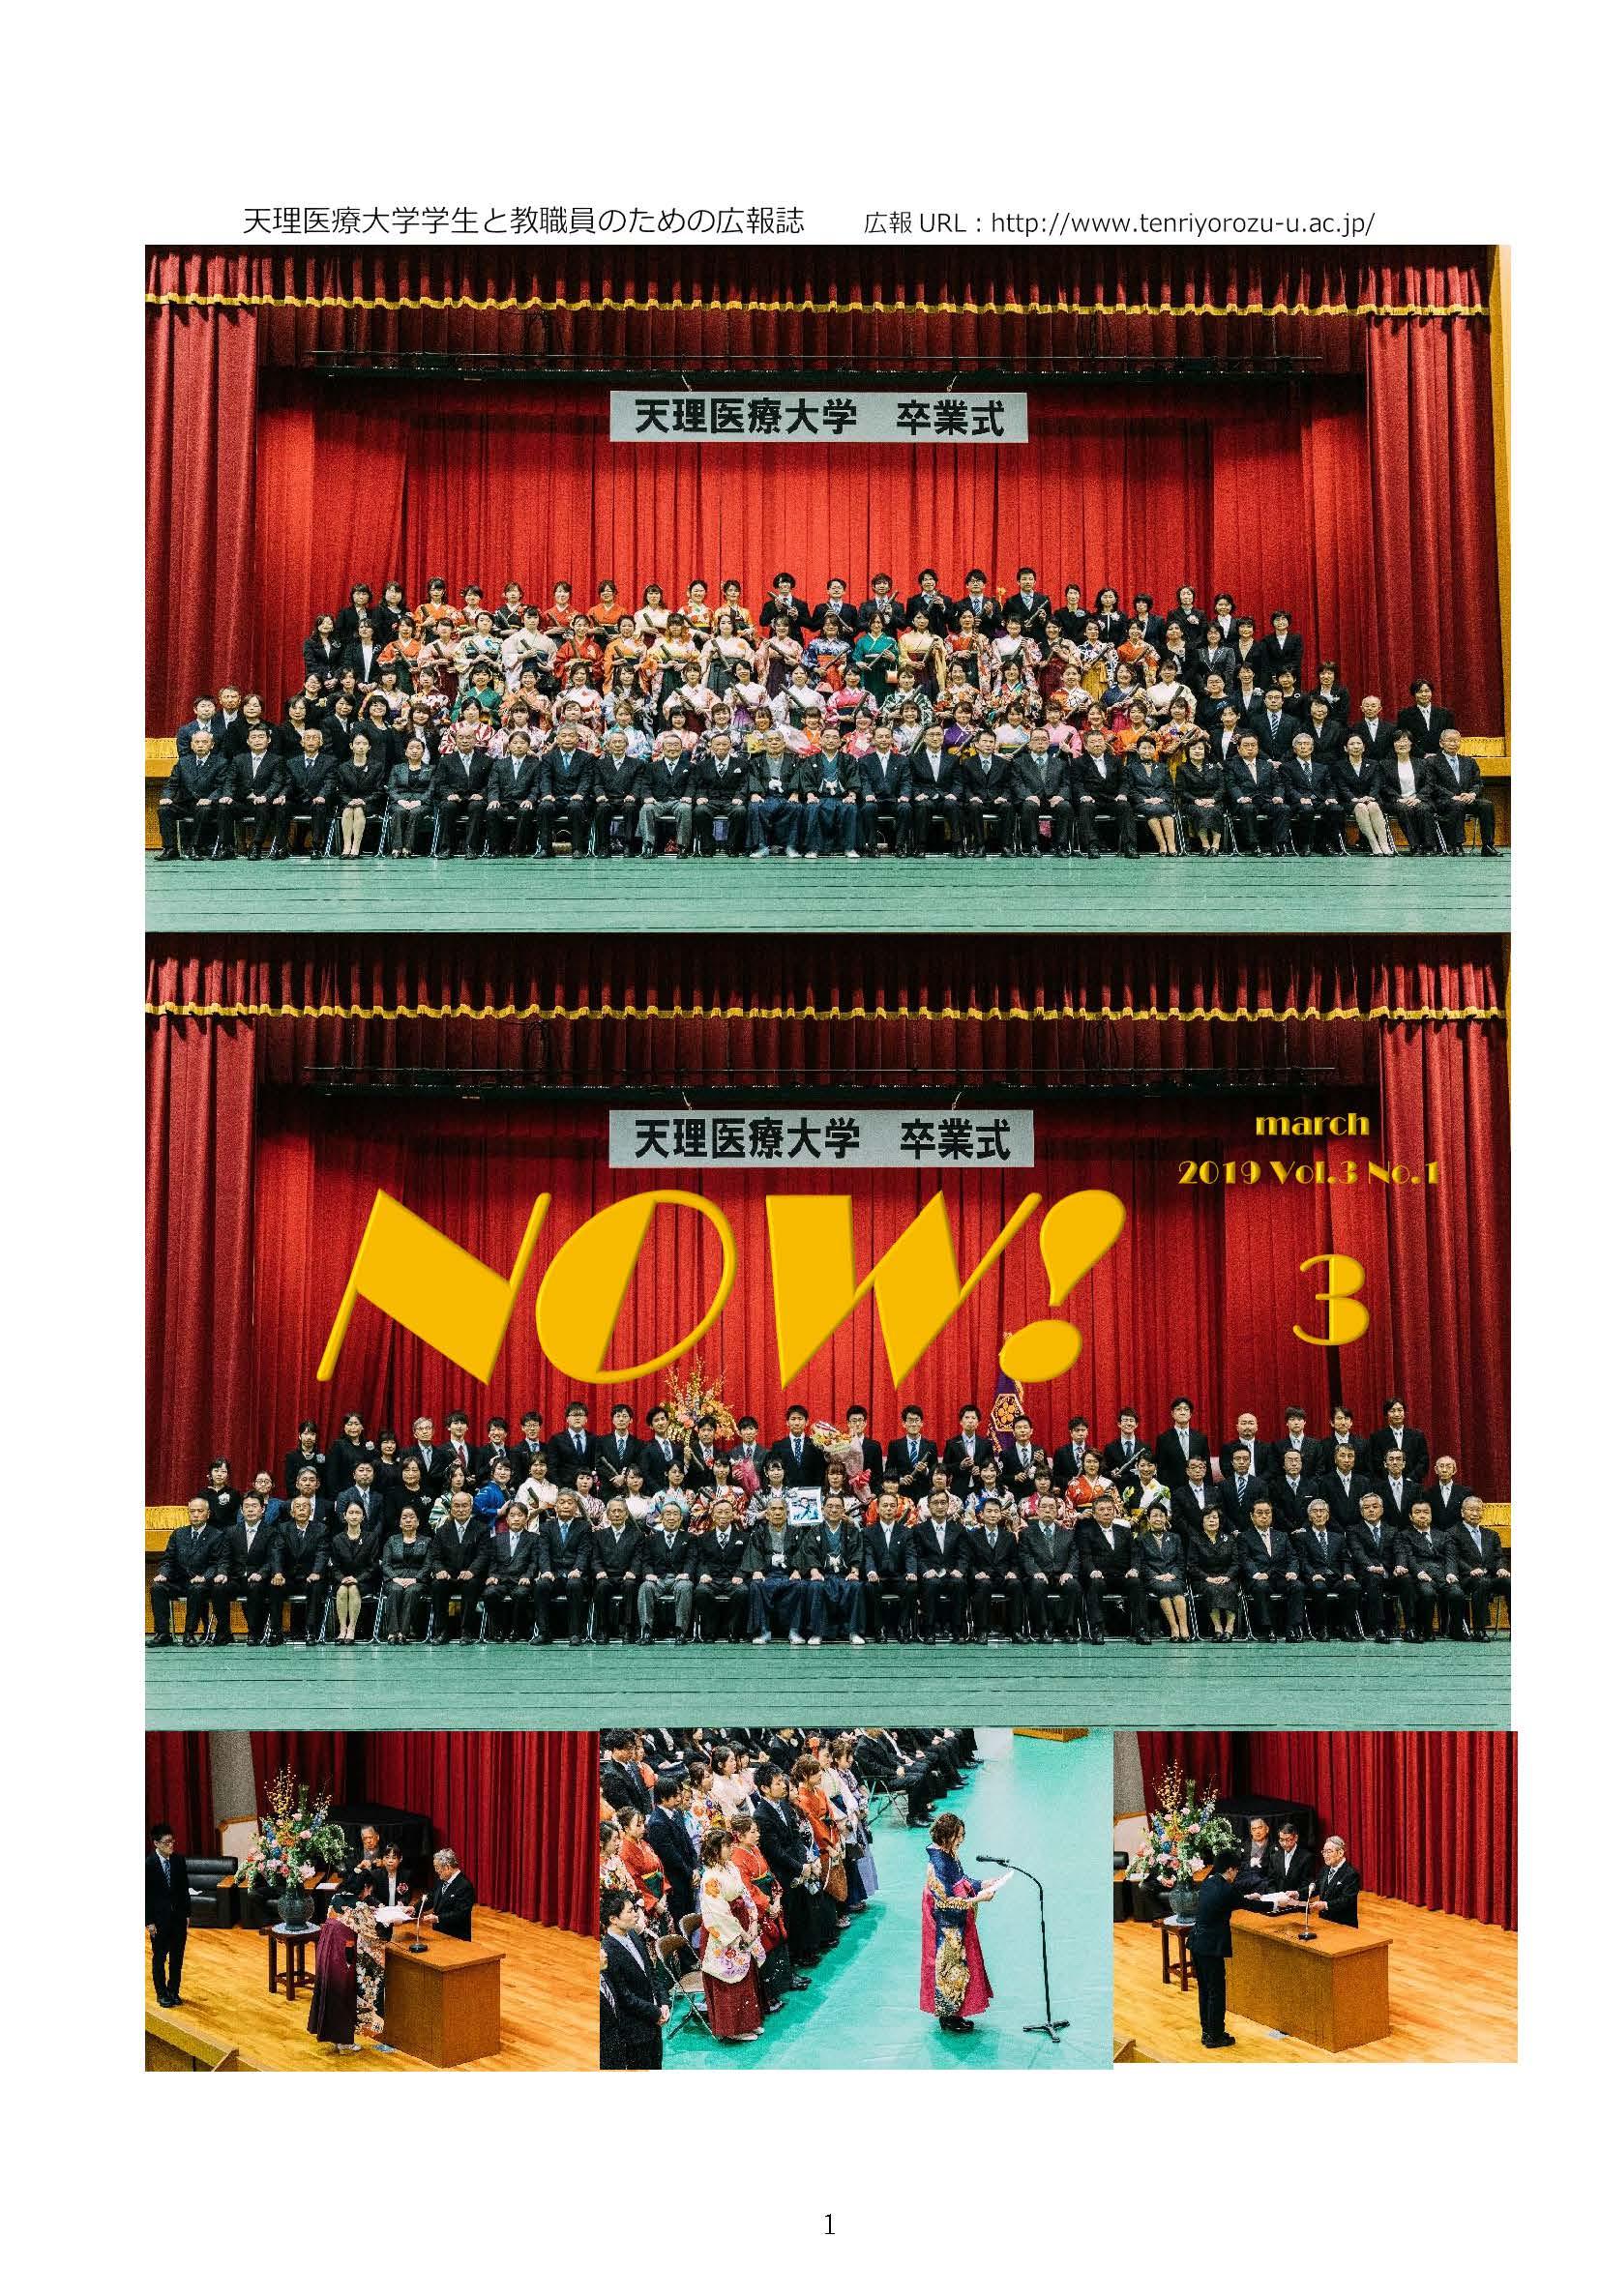 本学学生と教職員のための広報誌  NOW vol.3 No.1が発行しました